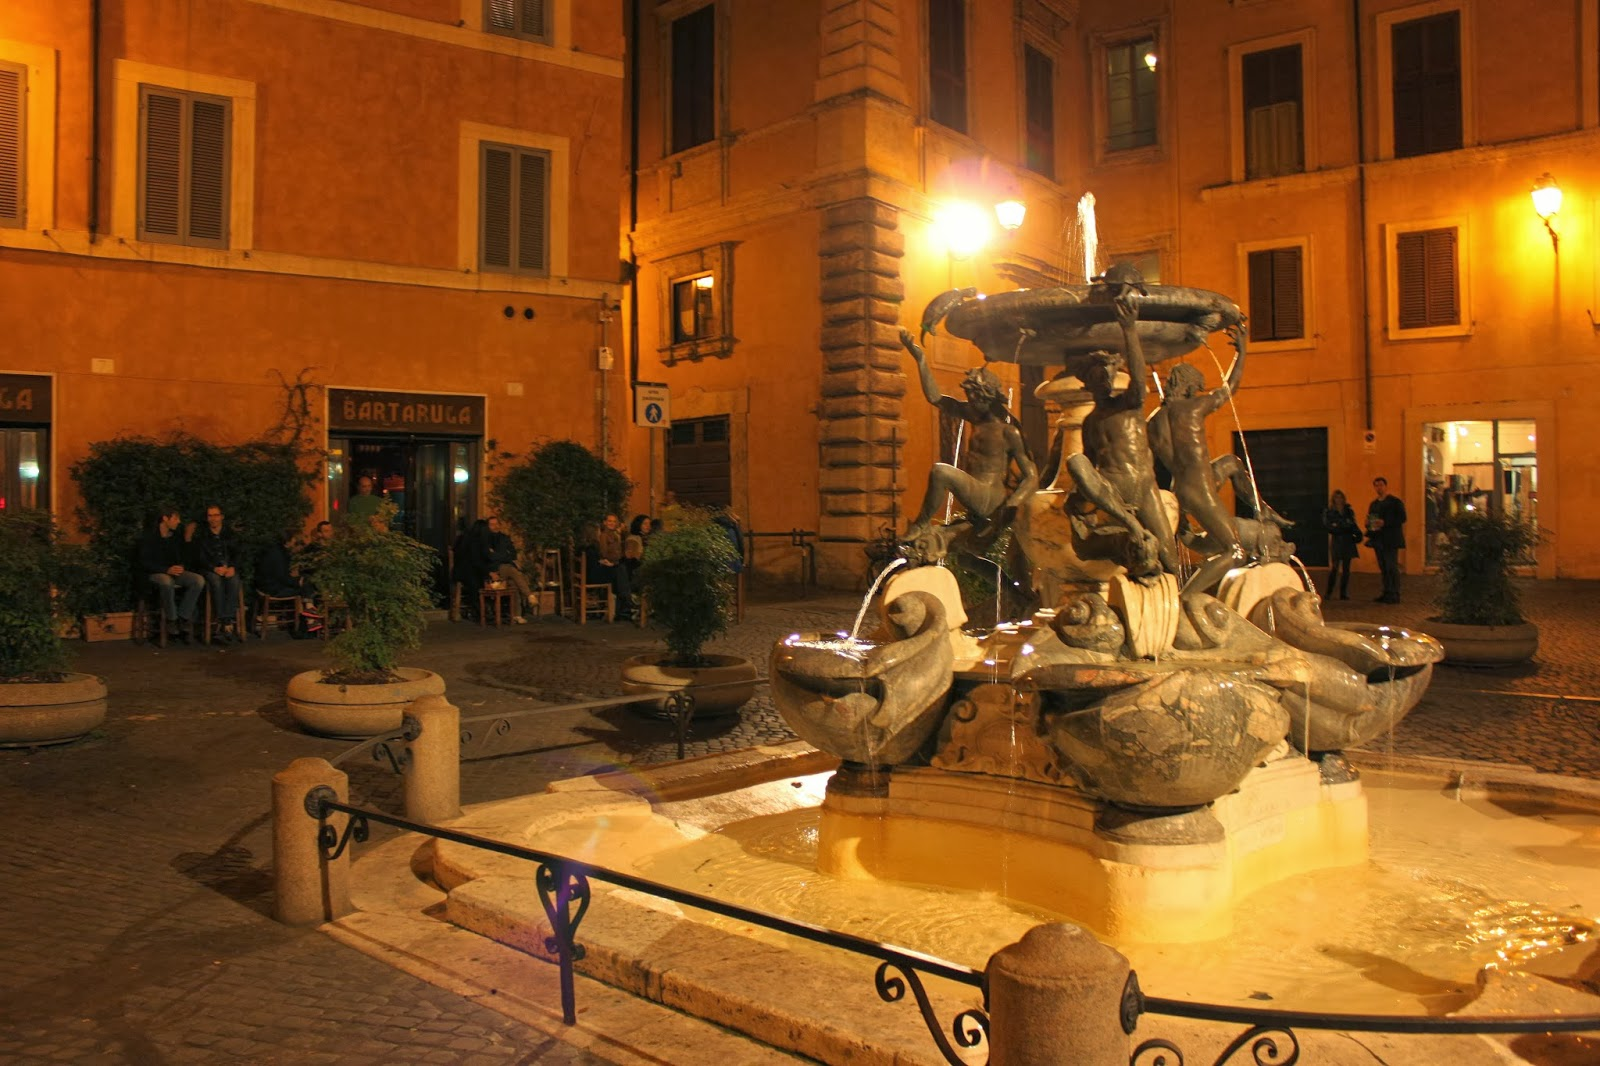 visita serale Roma segreta dall'isola tiberina al quartiere ebraico